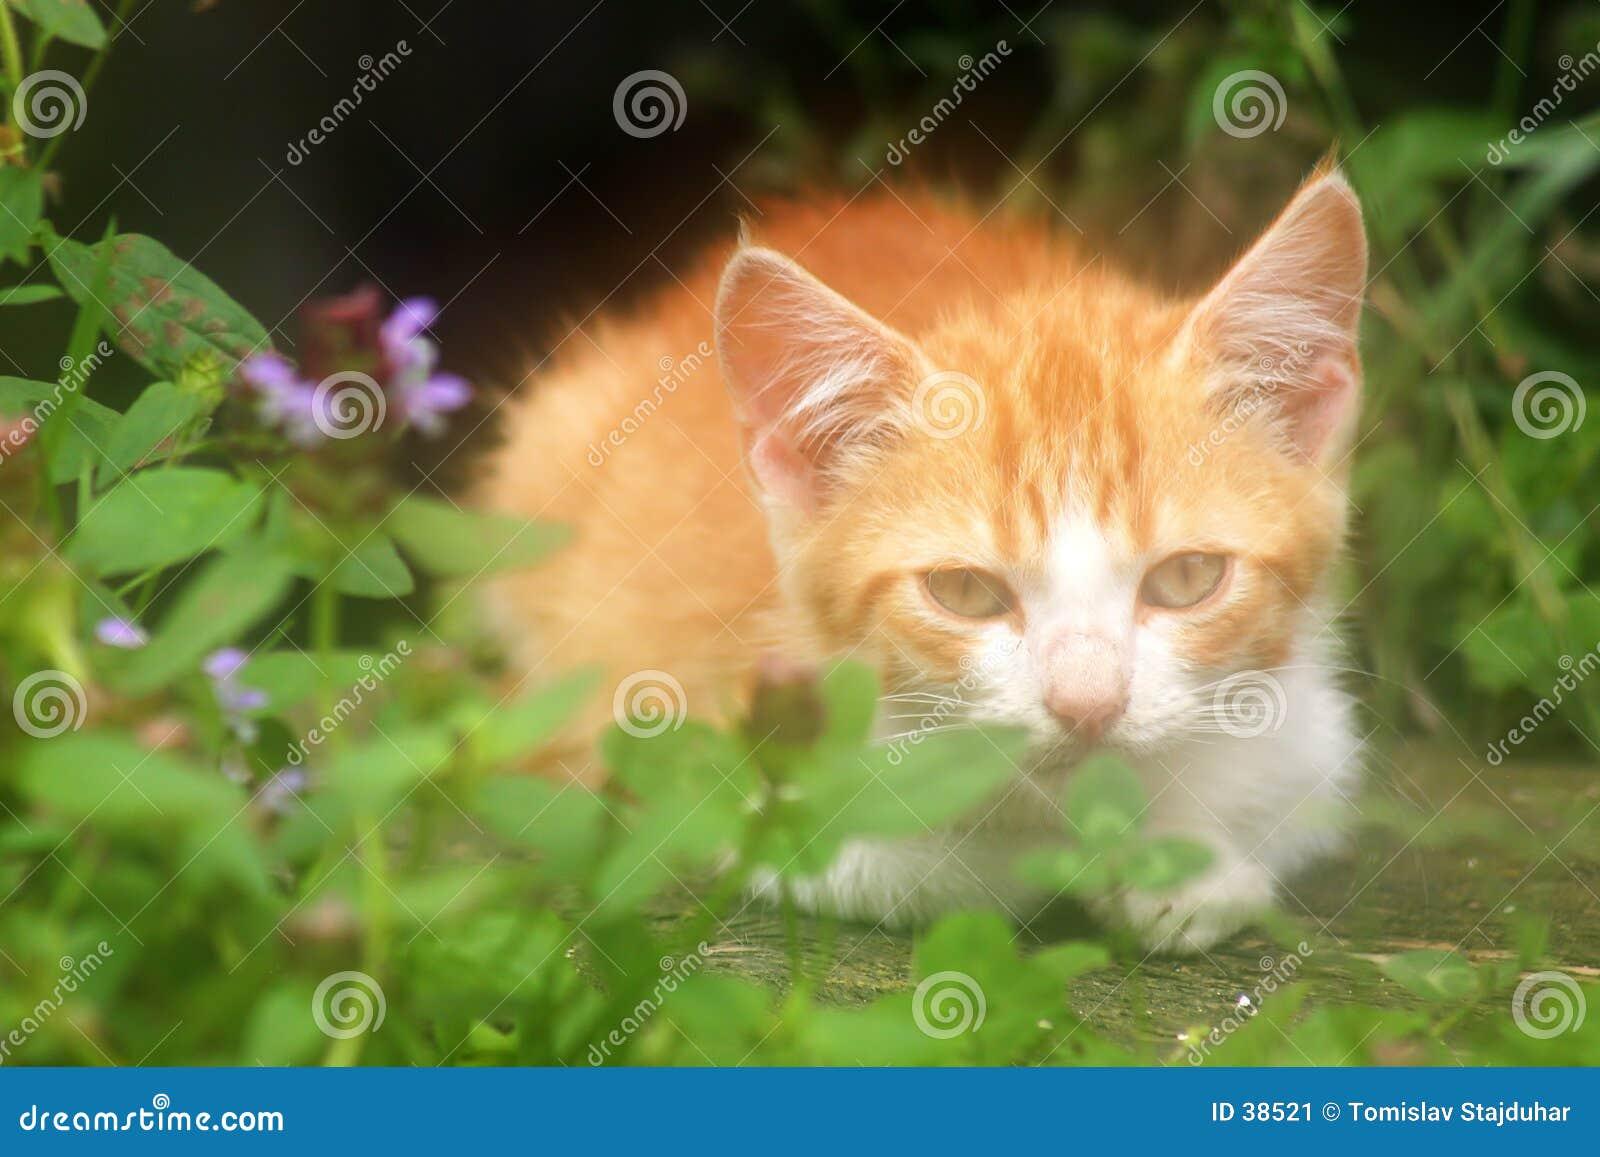 Gato minúsculo en luz suave